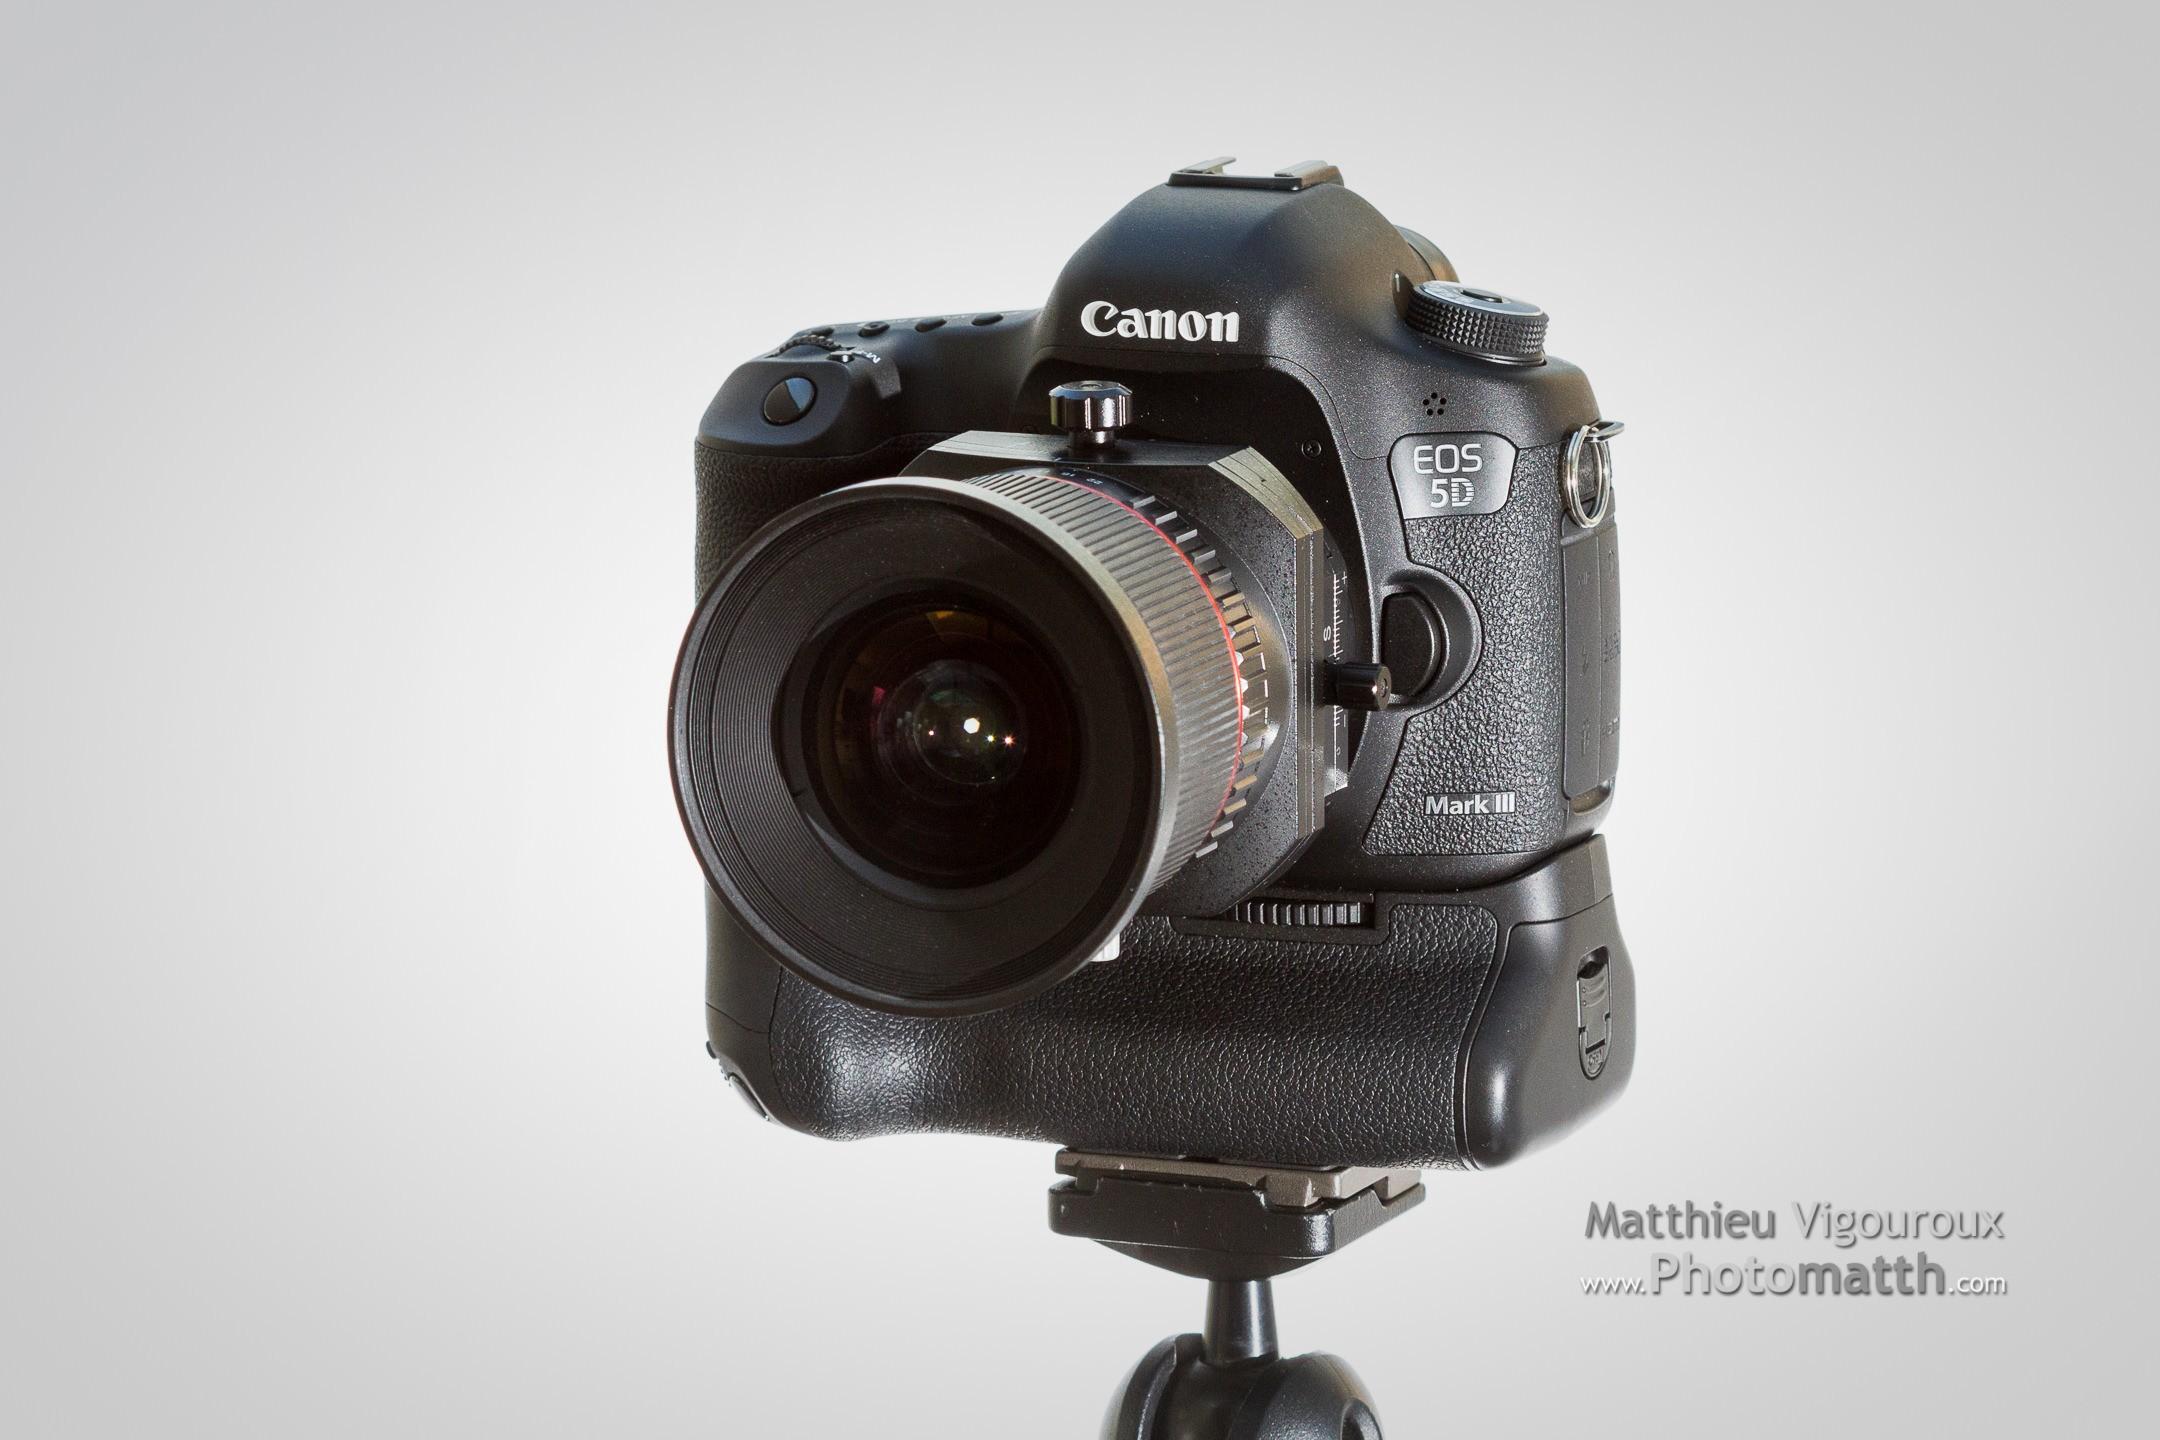 Samyang T-S 24mm 3.5 monté sur Canon EOS 5D Mk III